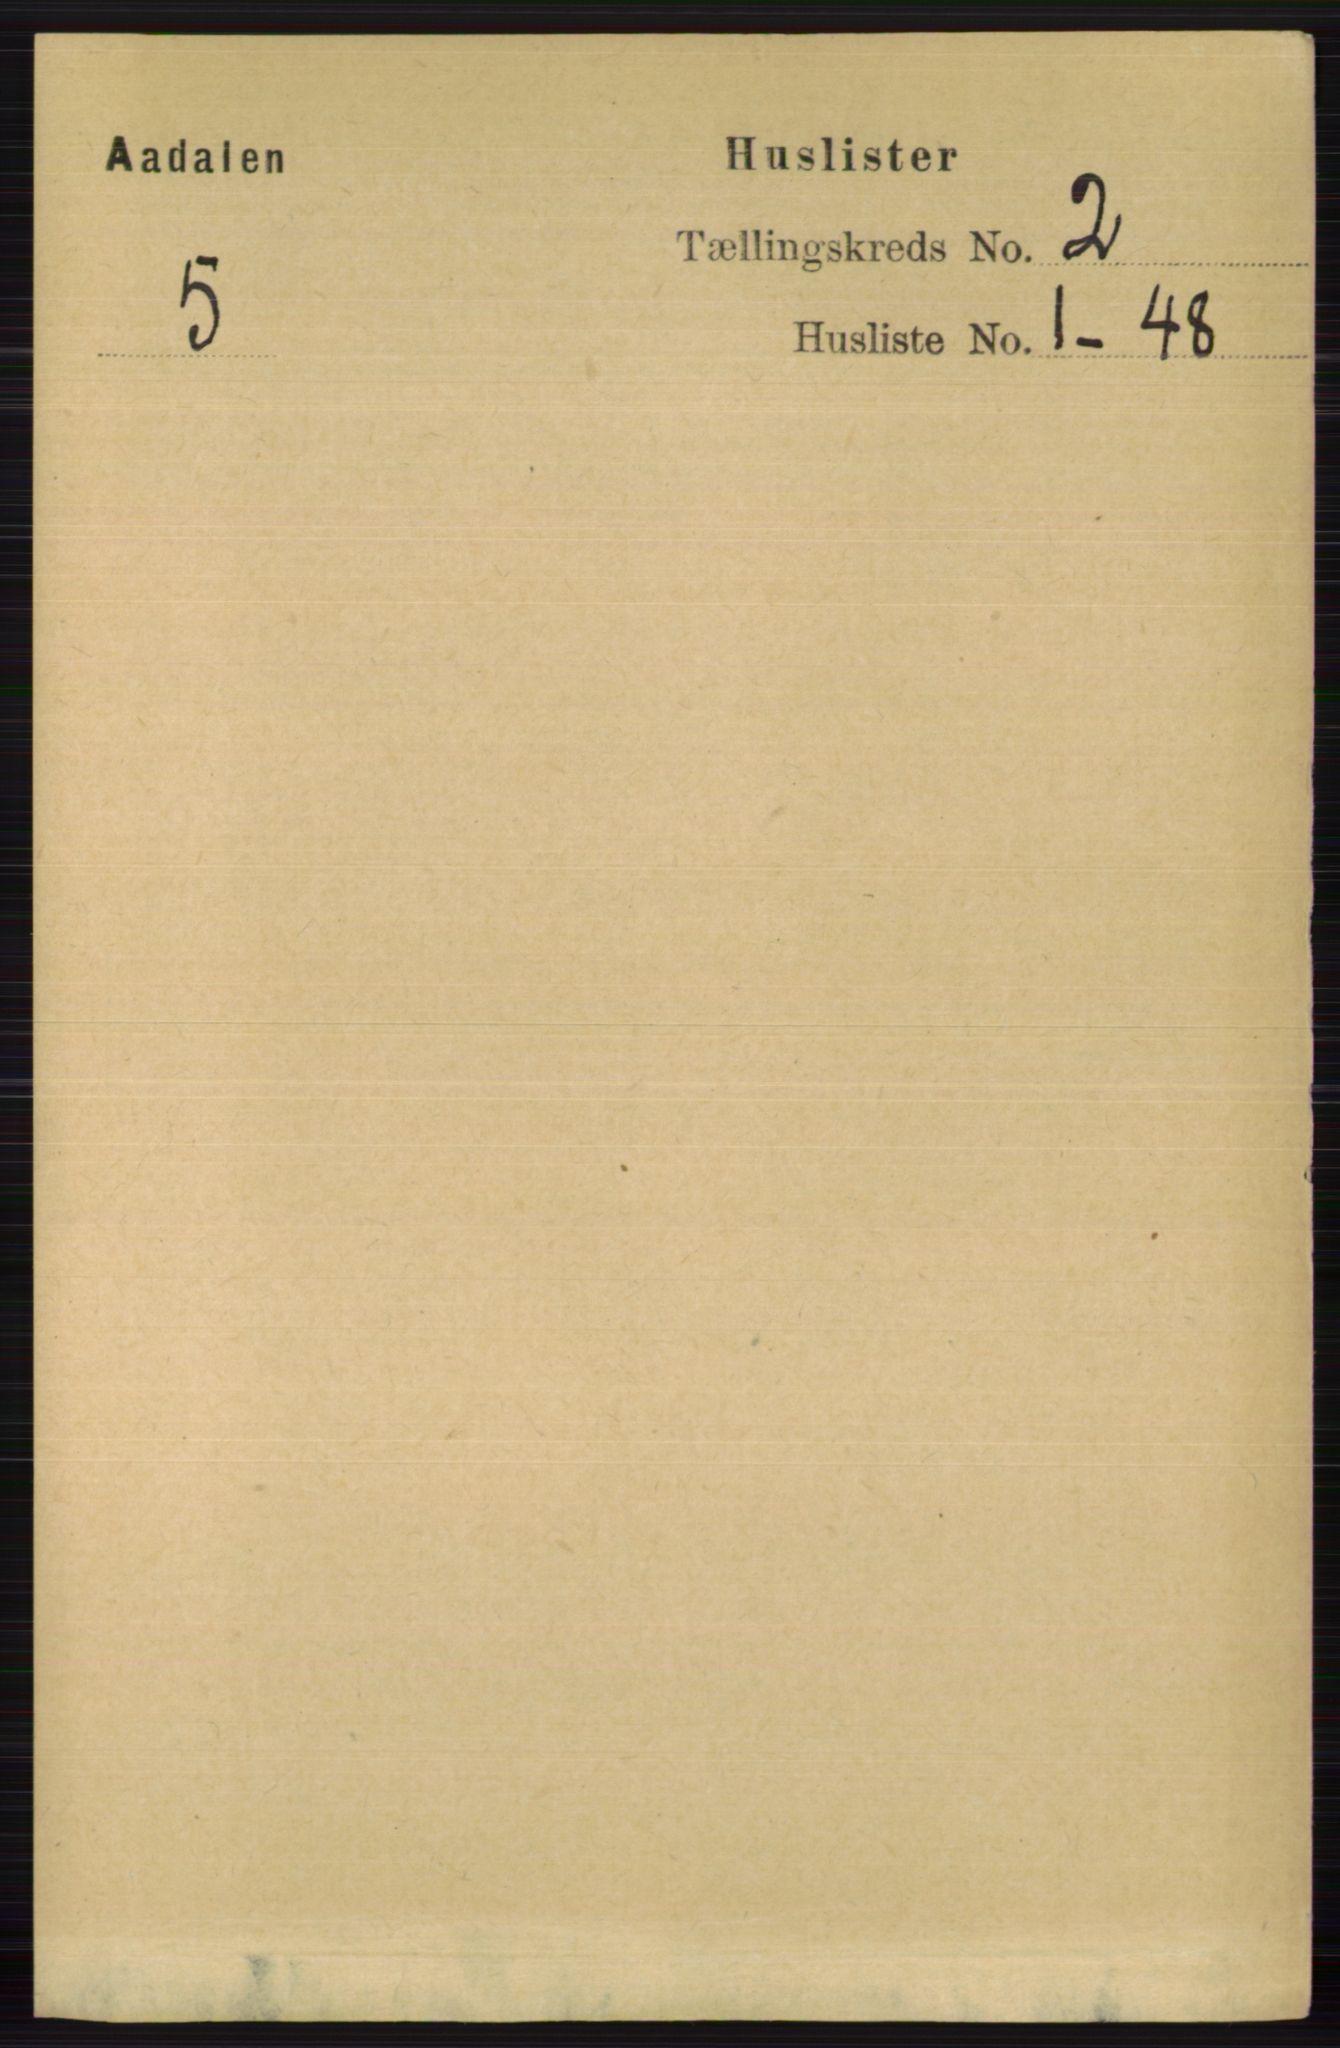 RA, Folketelling 1891 for 0614 Ådal herred, 1891, s. 587